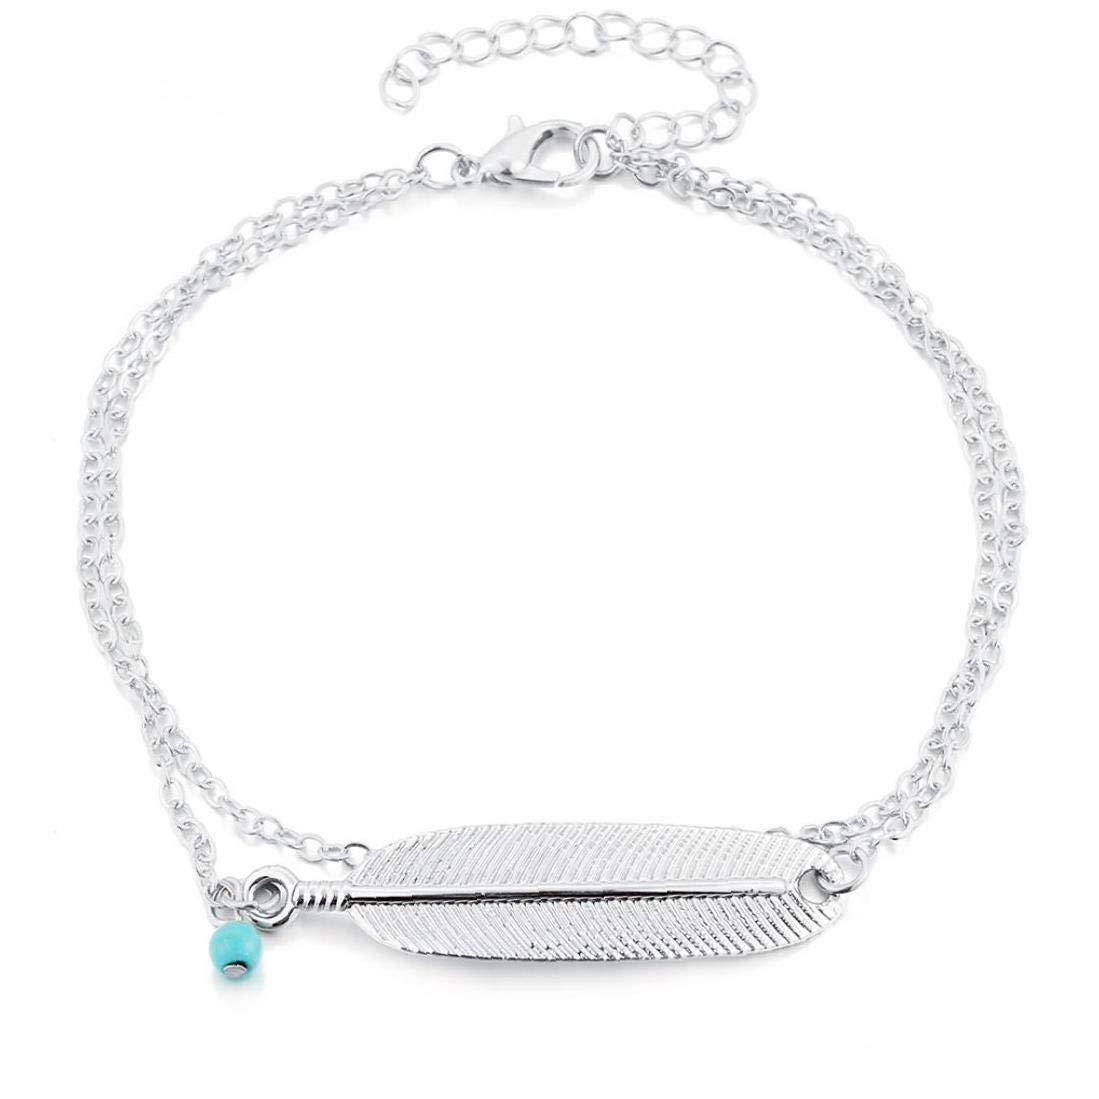 Plume Cheville Bracelet Bracelets De Cheville en Couches Perles Dainty Bijoux Pied pour Les Femmes Et Les Filles D/ét/é Barefoot Beach Anklet